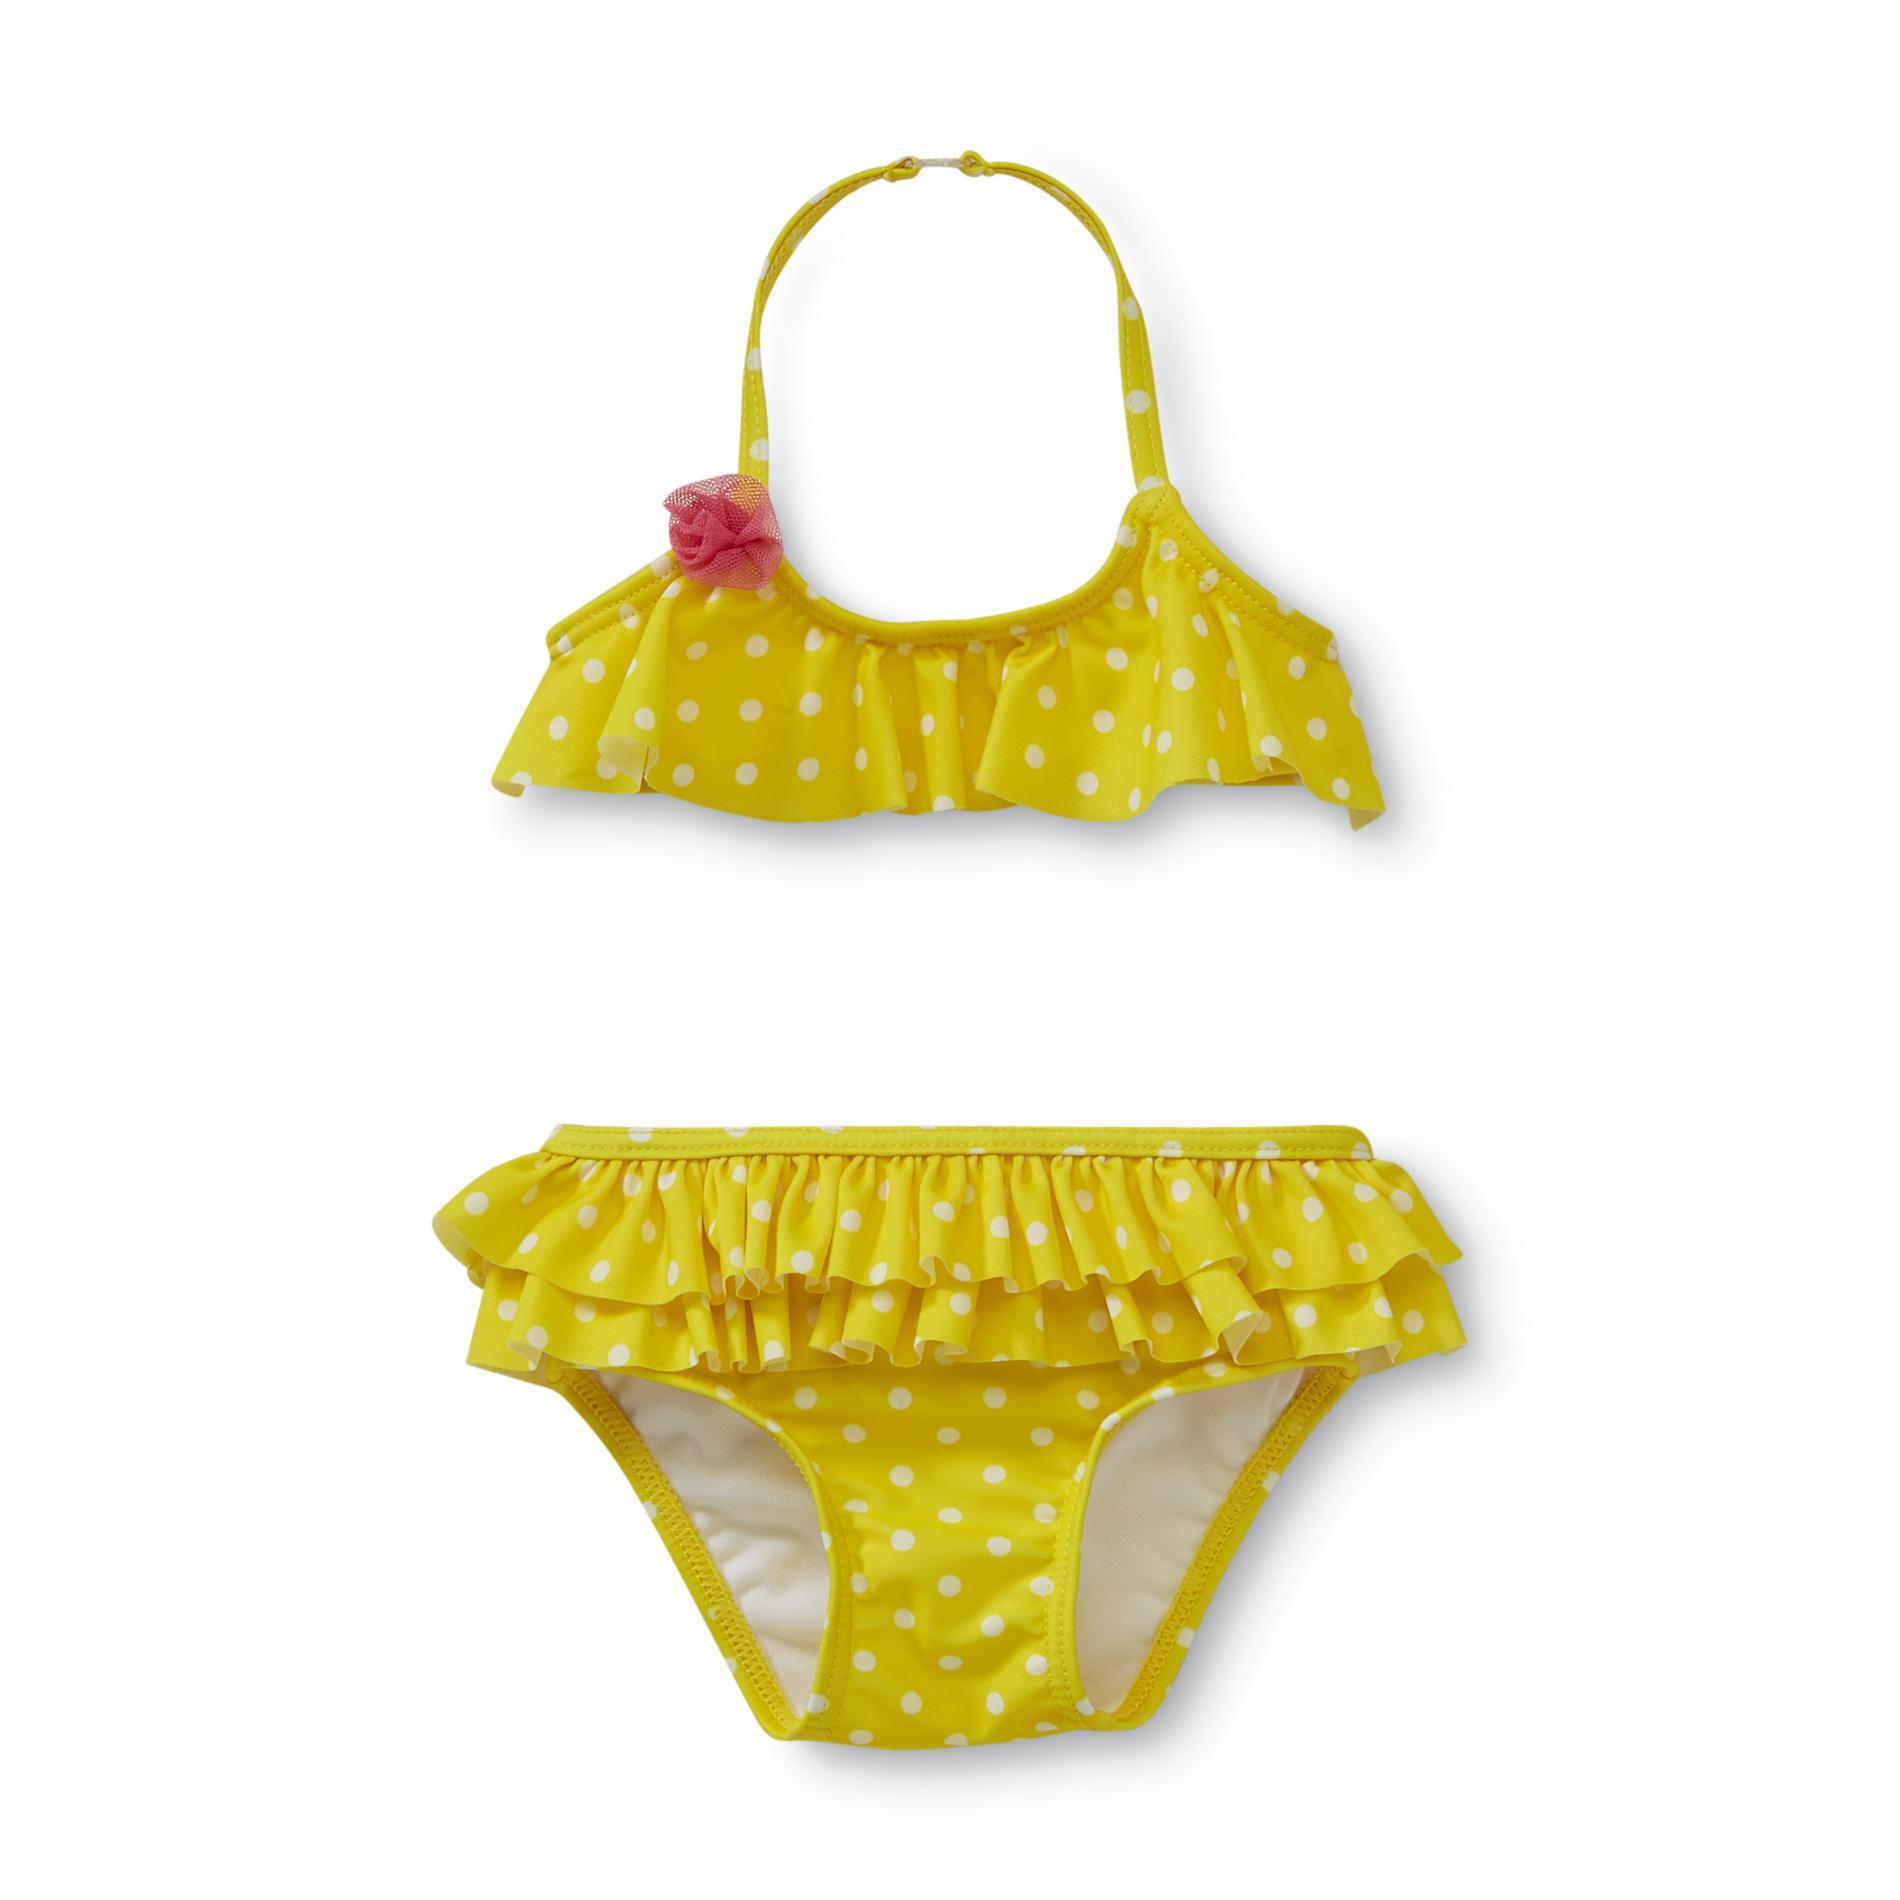 Newborn Girl's Bikini Top & Bottom - Polka Dot